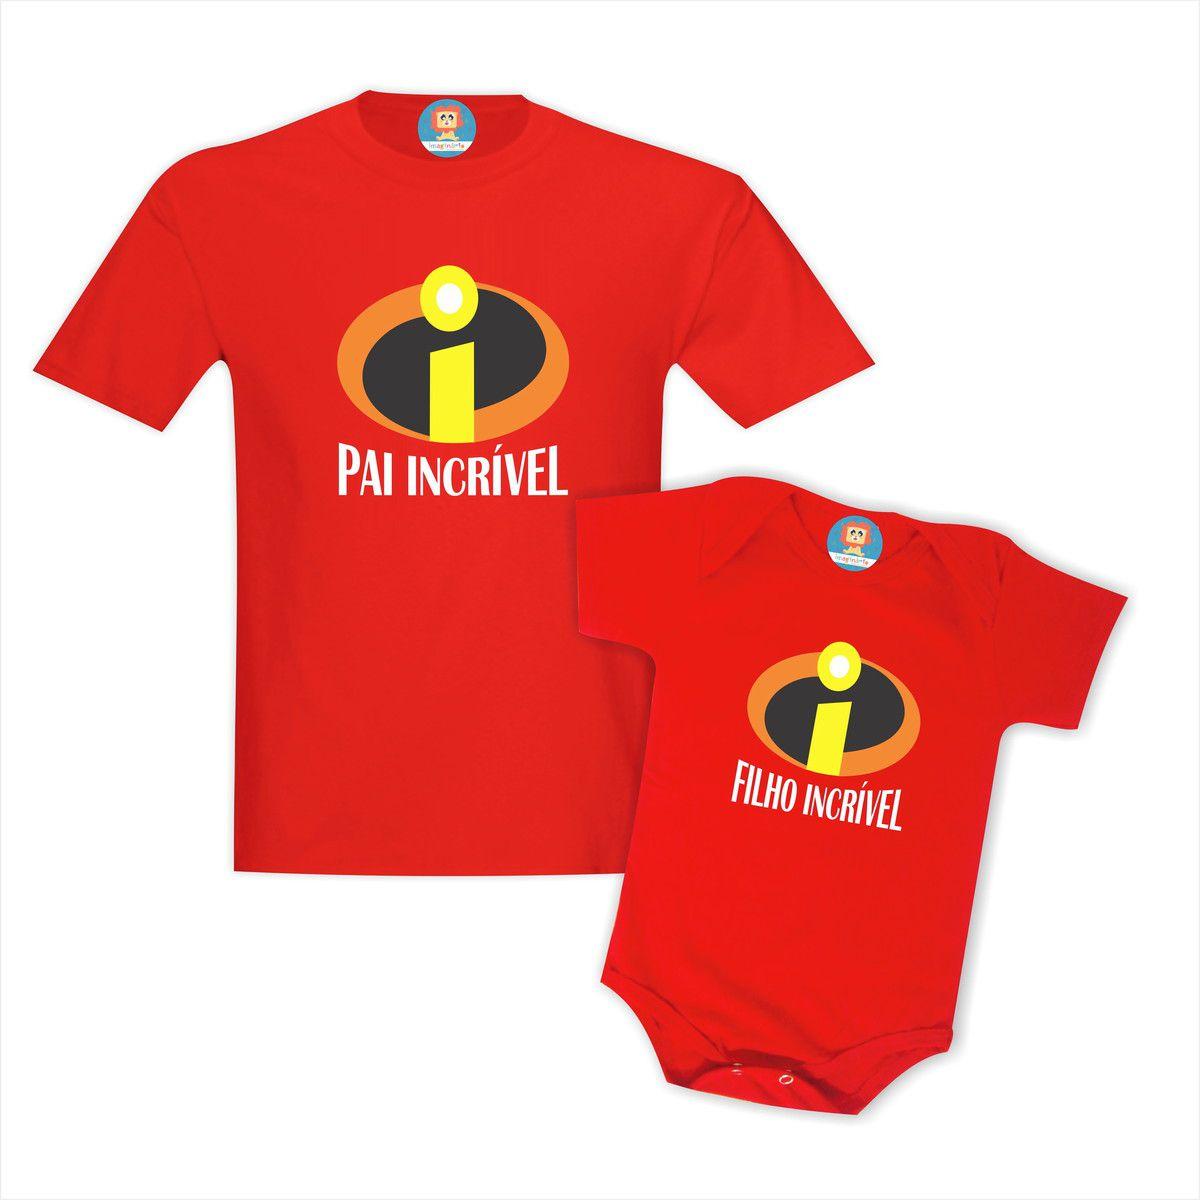 Kit Camisetas Pai e Filho(a) Incrível